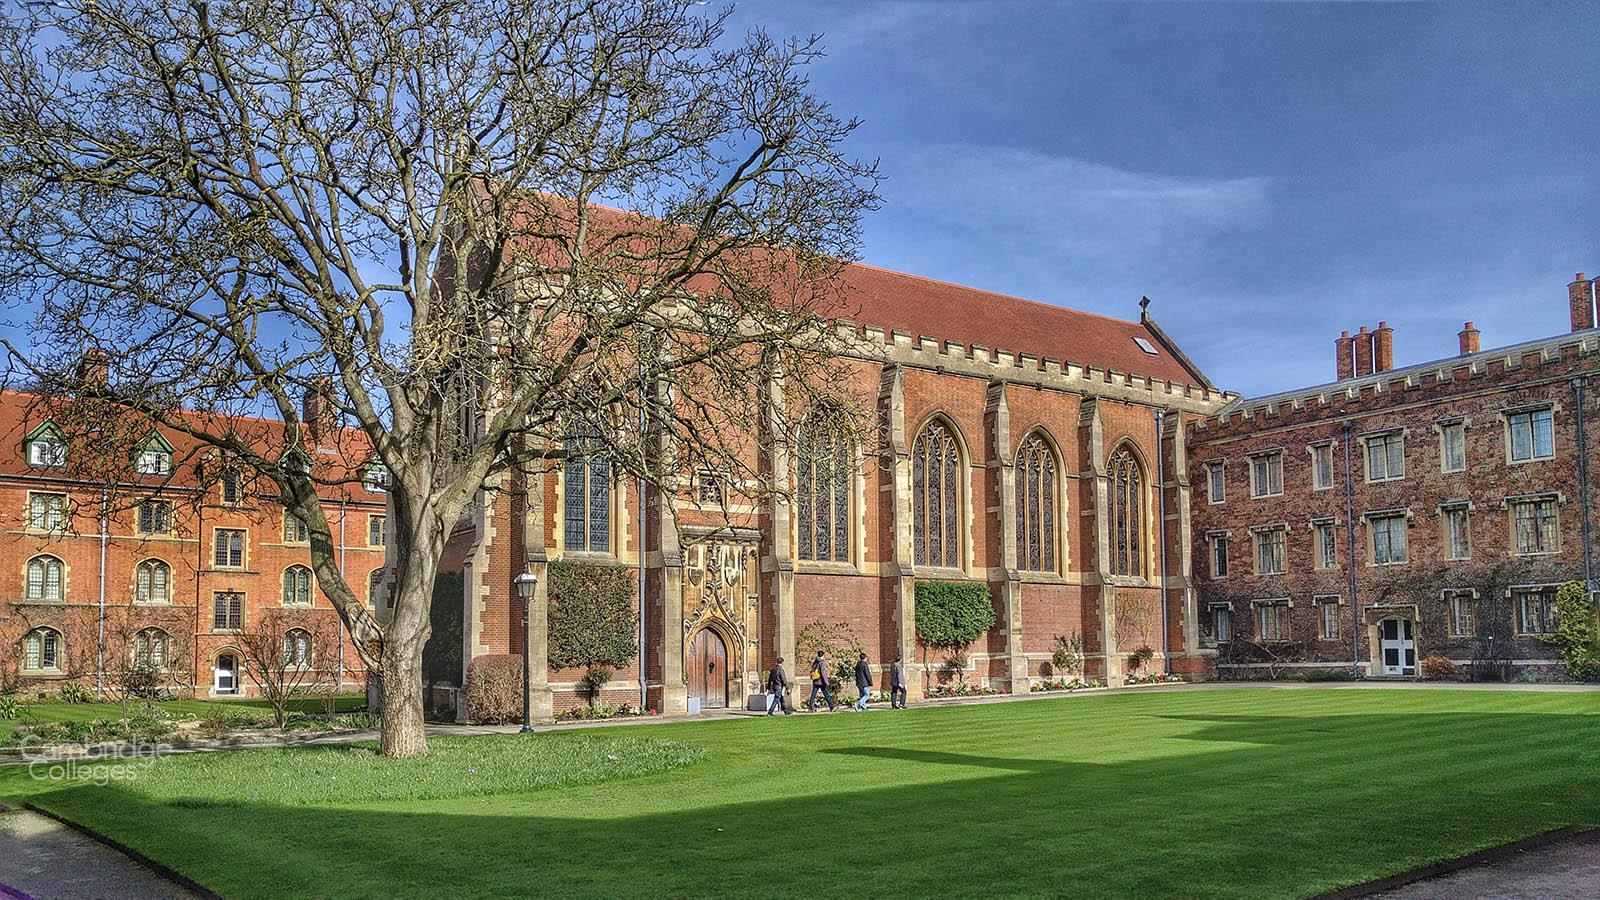 Walnut tree court, Queen's college Cambridge